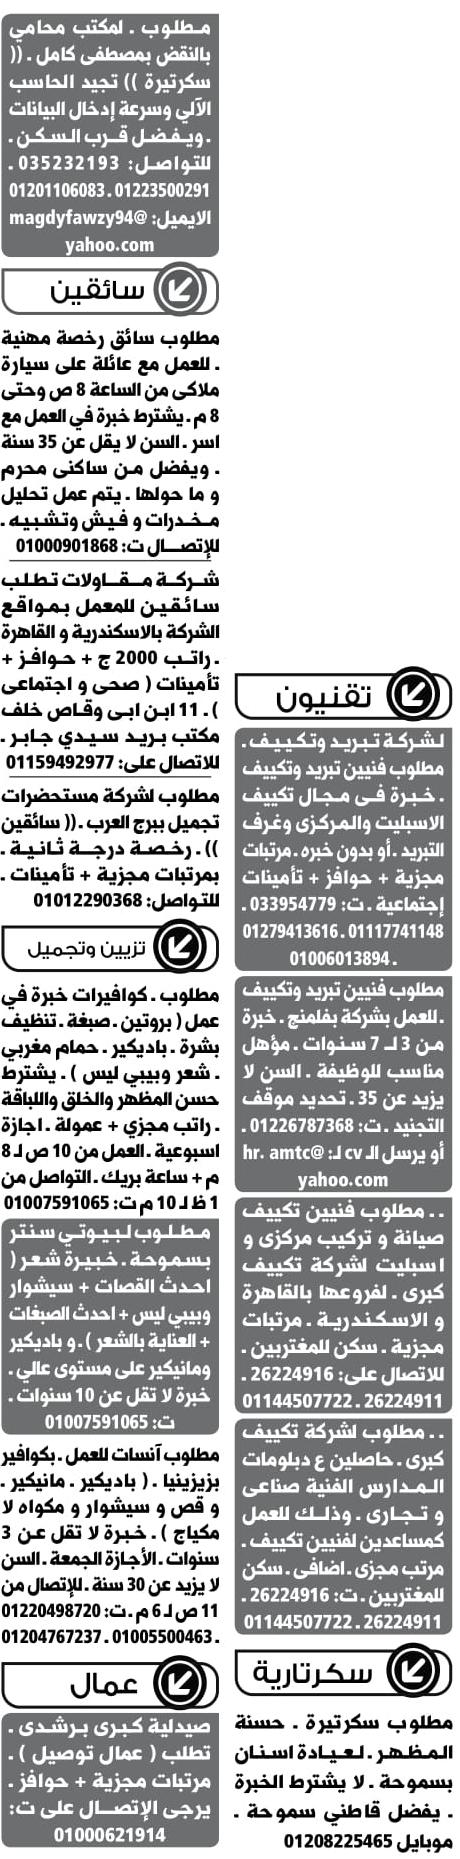 وظائف جريدة الوسيط الاسكندرية اخر عدد pdf اليوم 15/4/2019 23